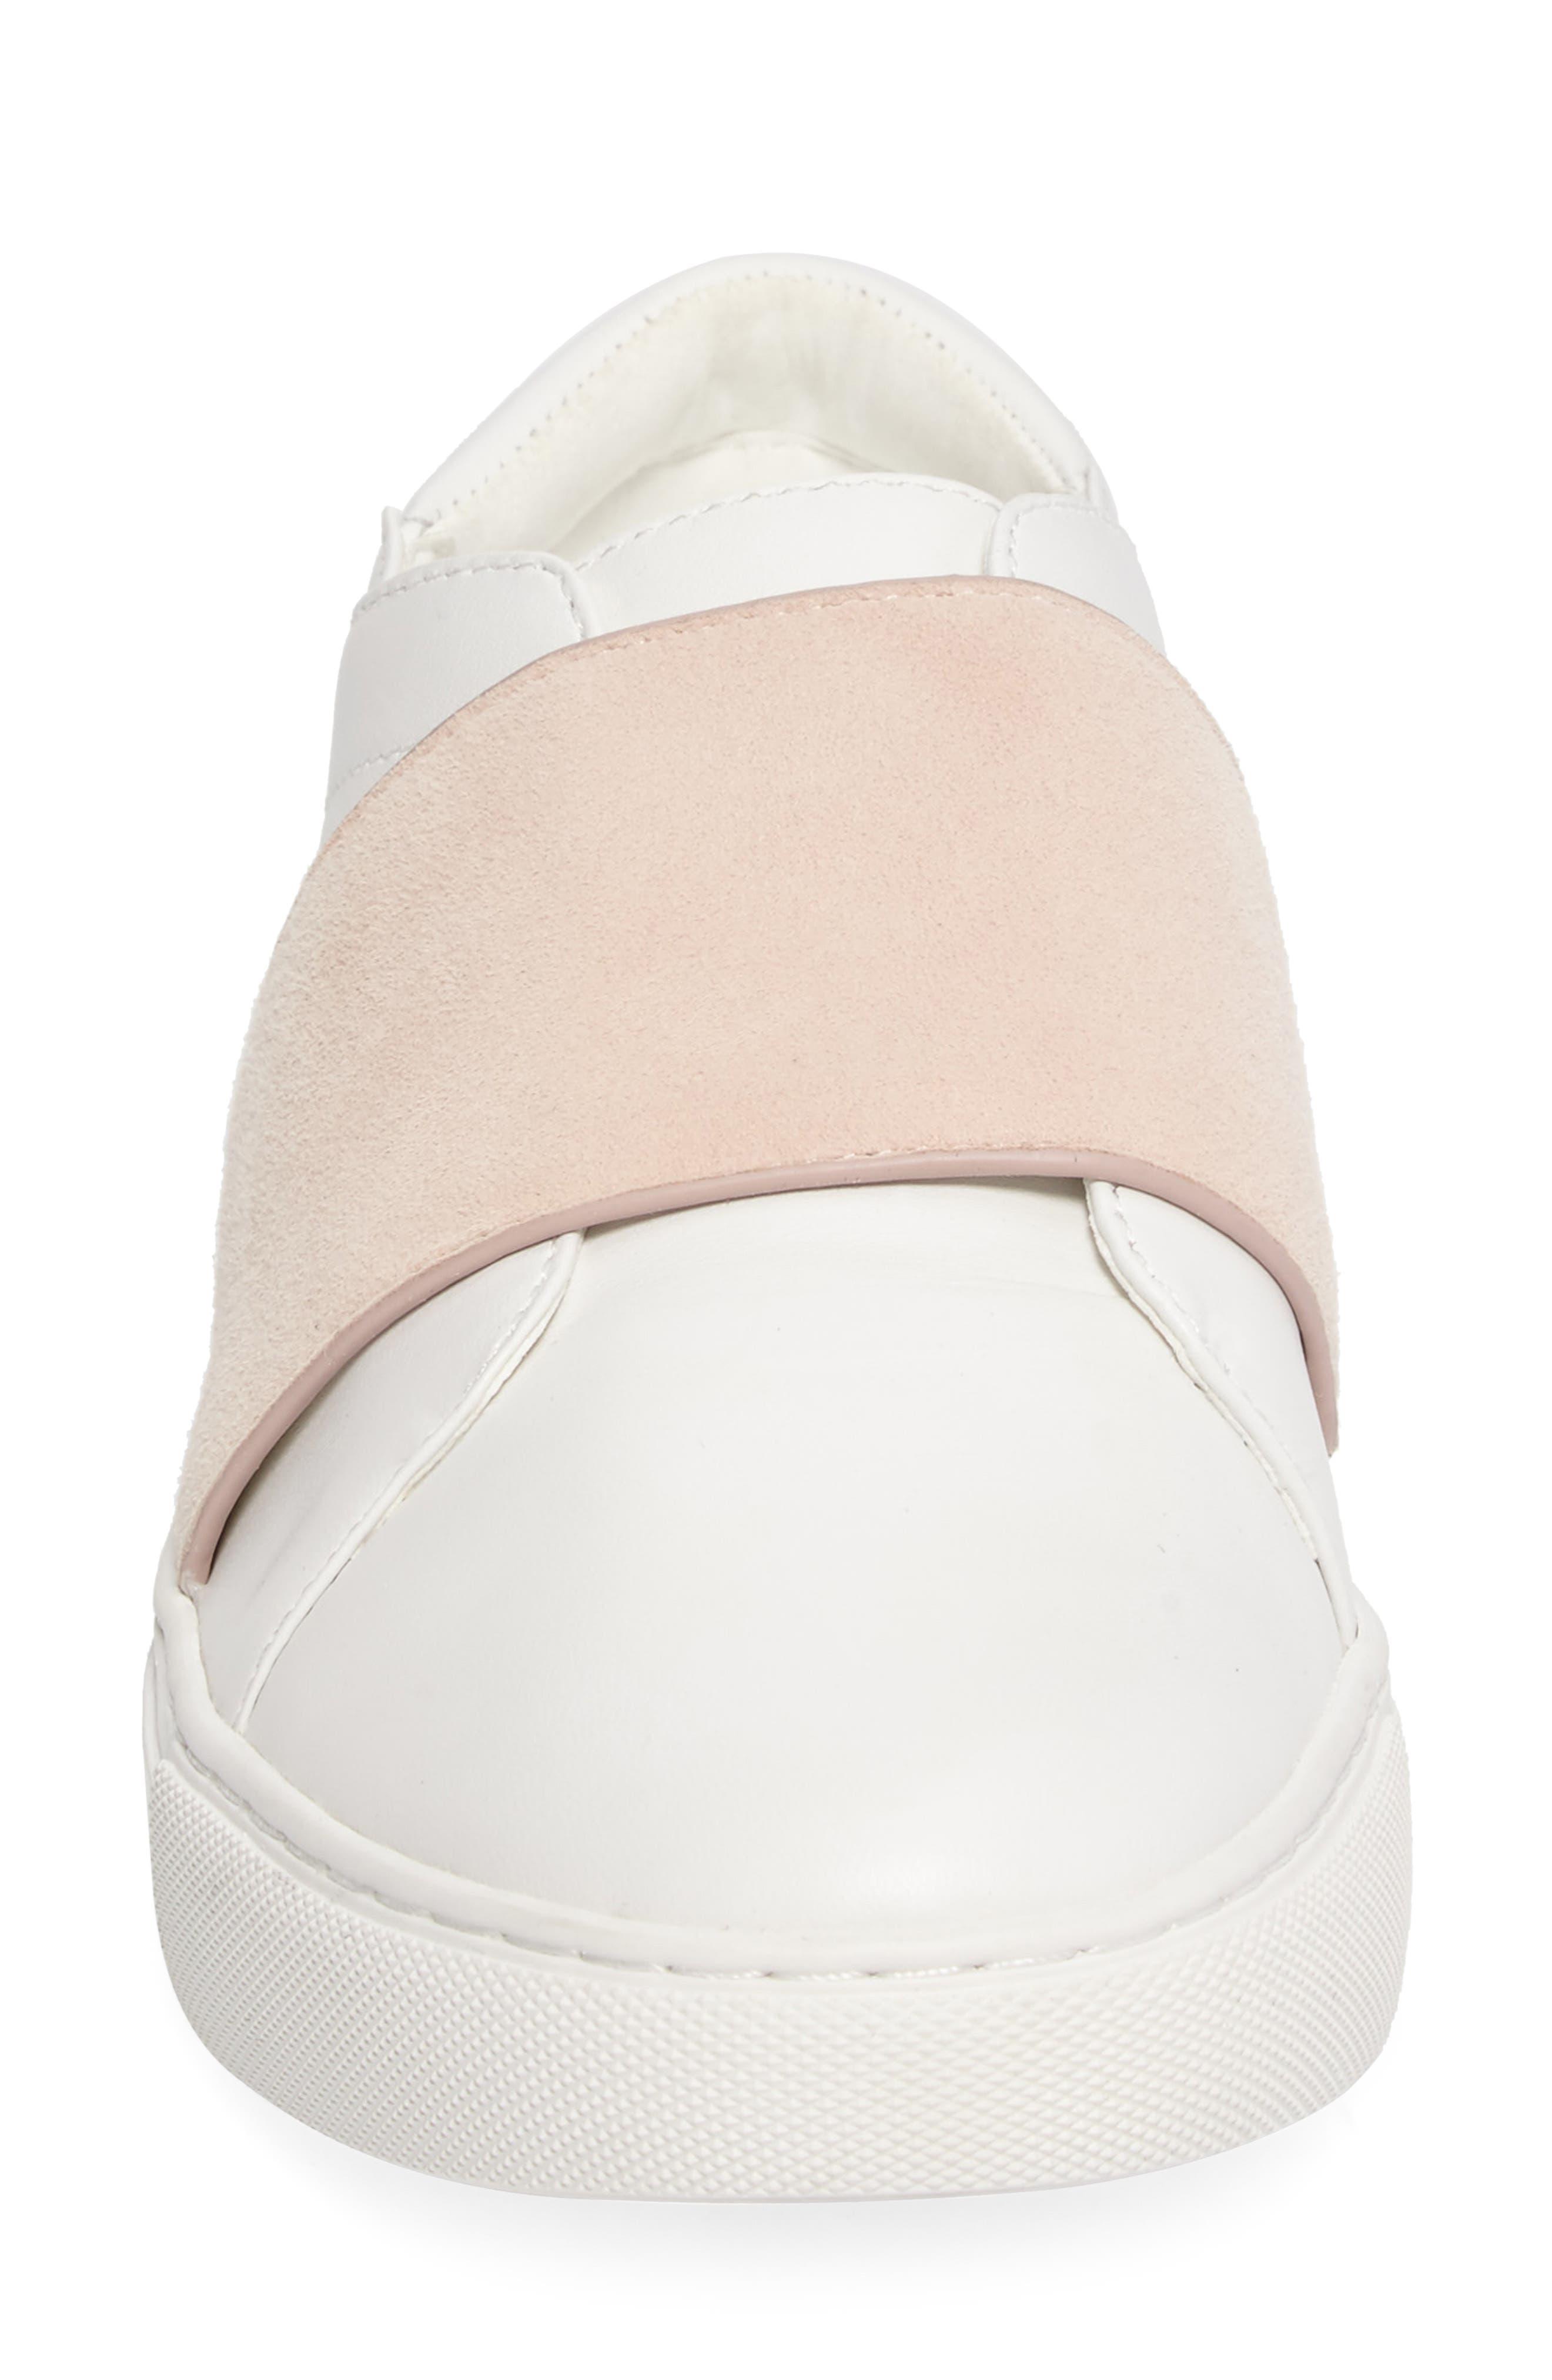 Konner Slip-On Sneaker,                             Alternate thumbnail 4, color,                             115